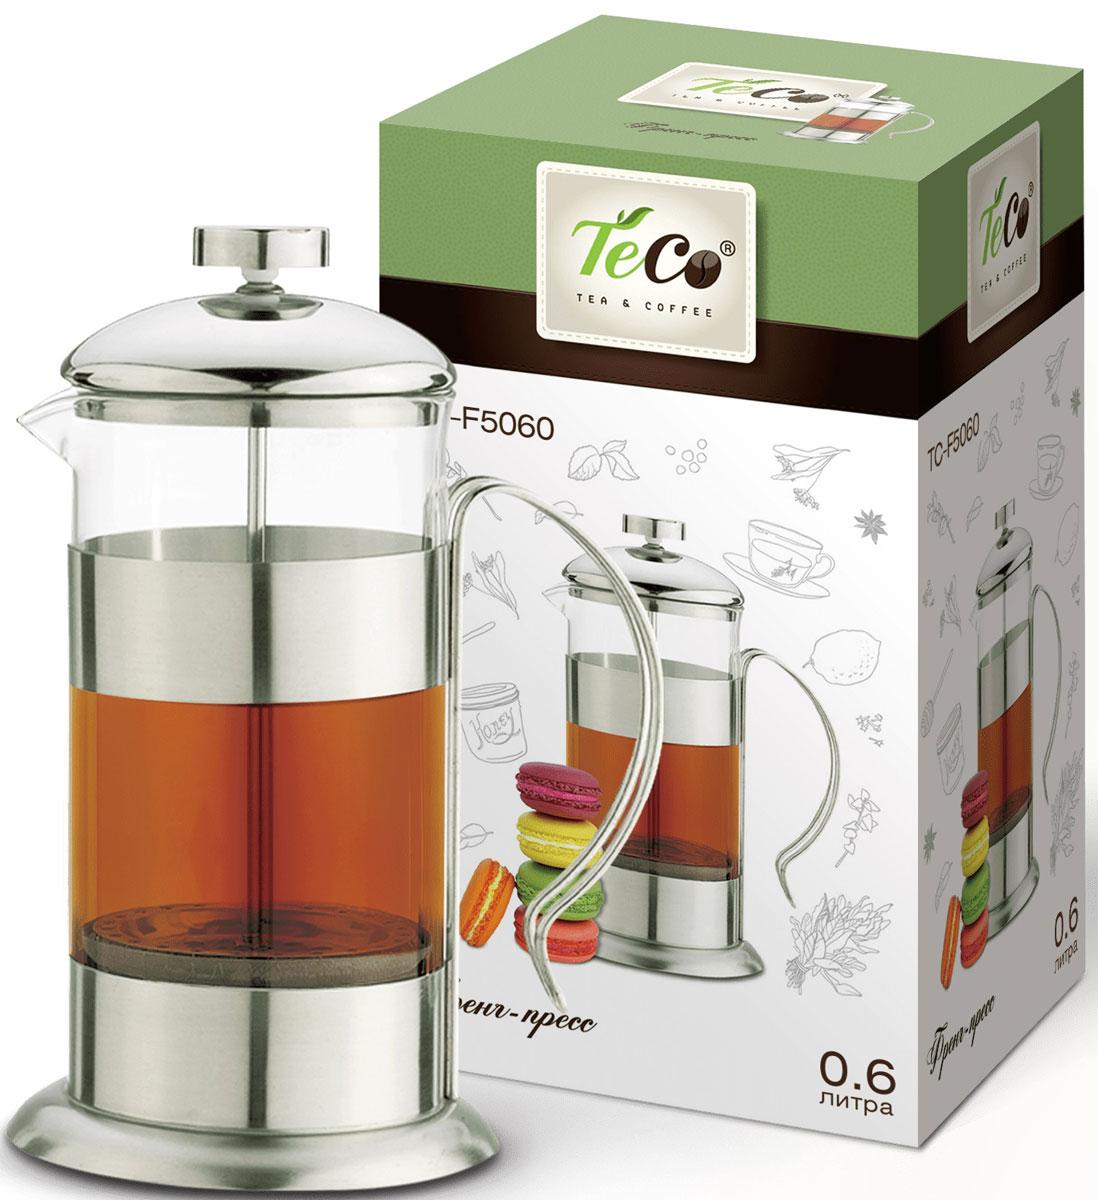 Френч-пресс Teco, цвет: серебристый, 0,6 л. TС-F5060 френч пресс teco tс f3035 0 35л металл стекло серебристый прозрачный